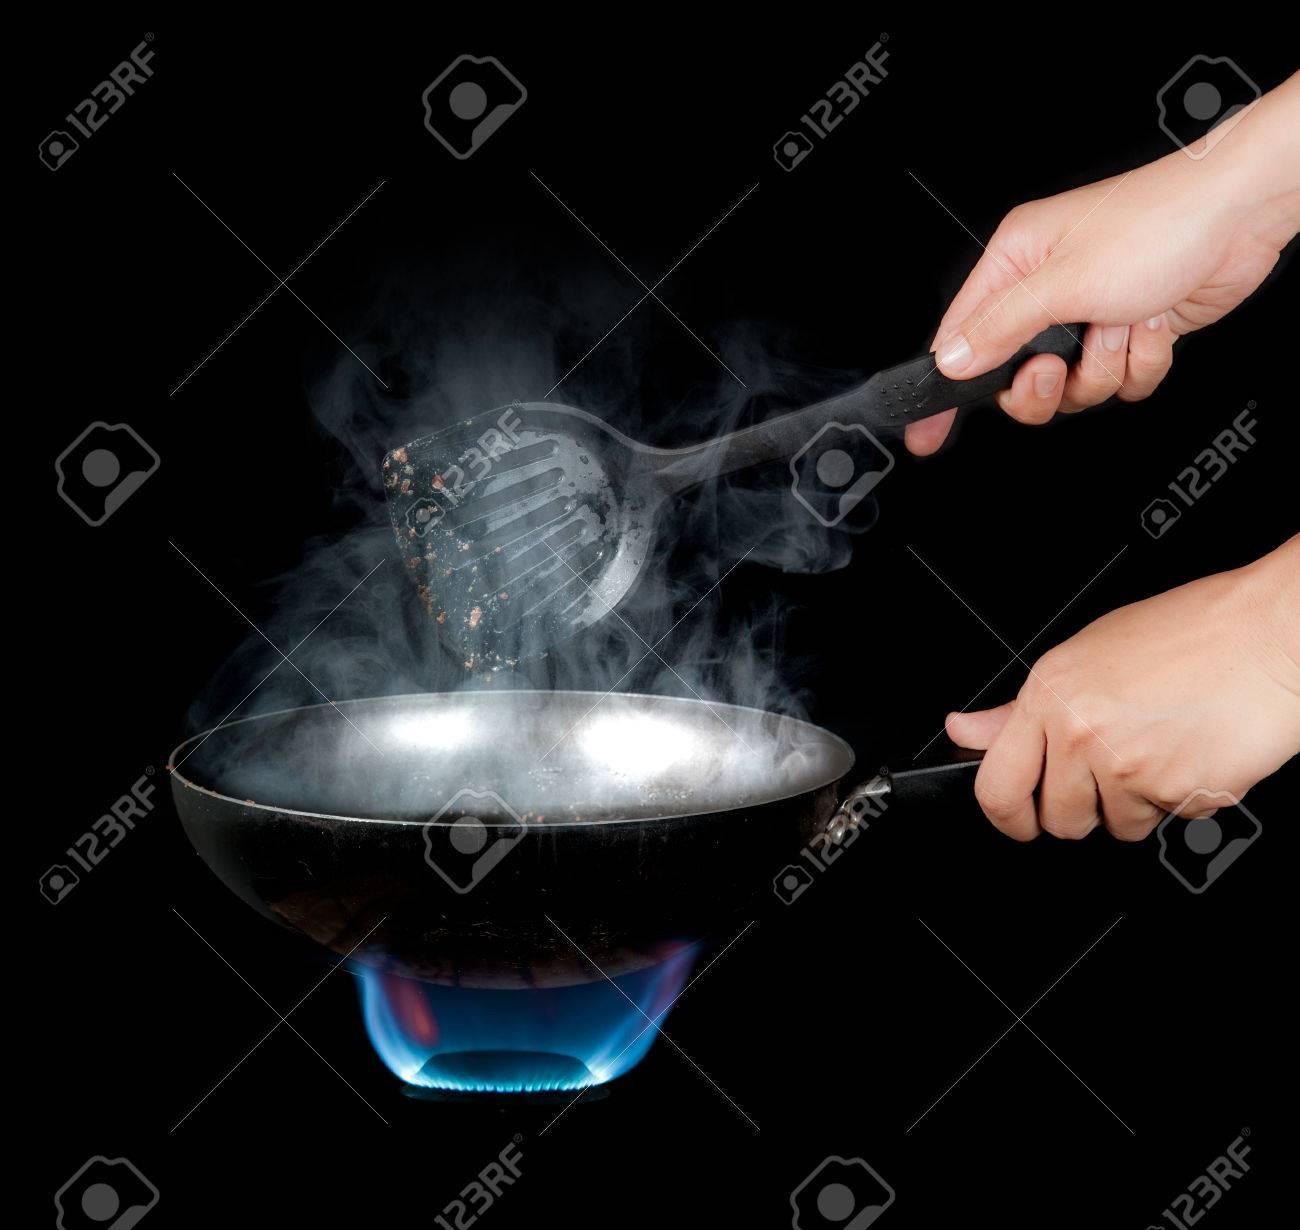 Chef Kochen Mit Flamme In Einer Pfanne Auf Einem Kuchen Lizenzfreie